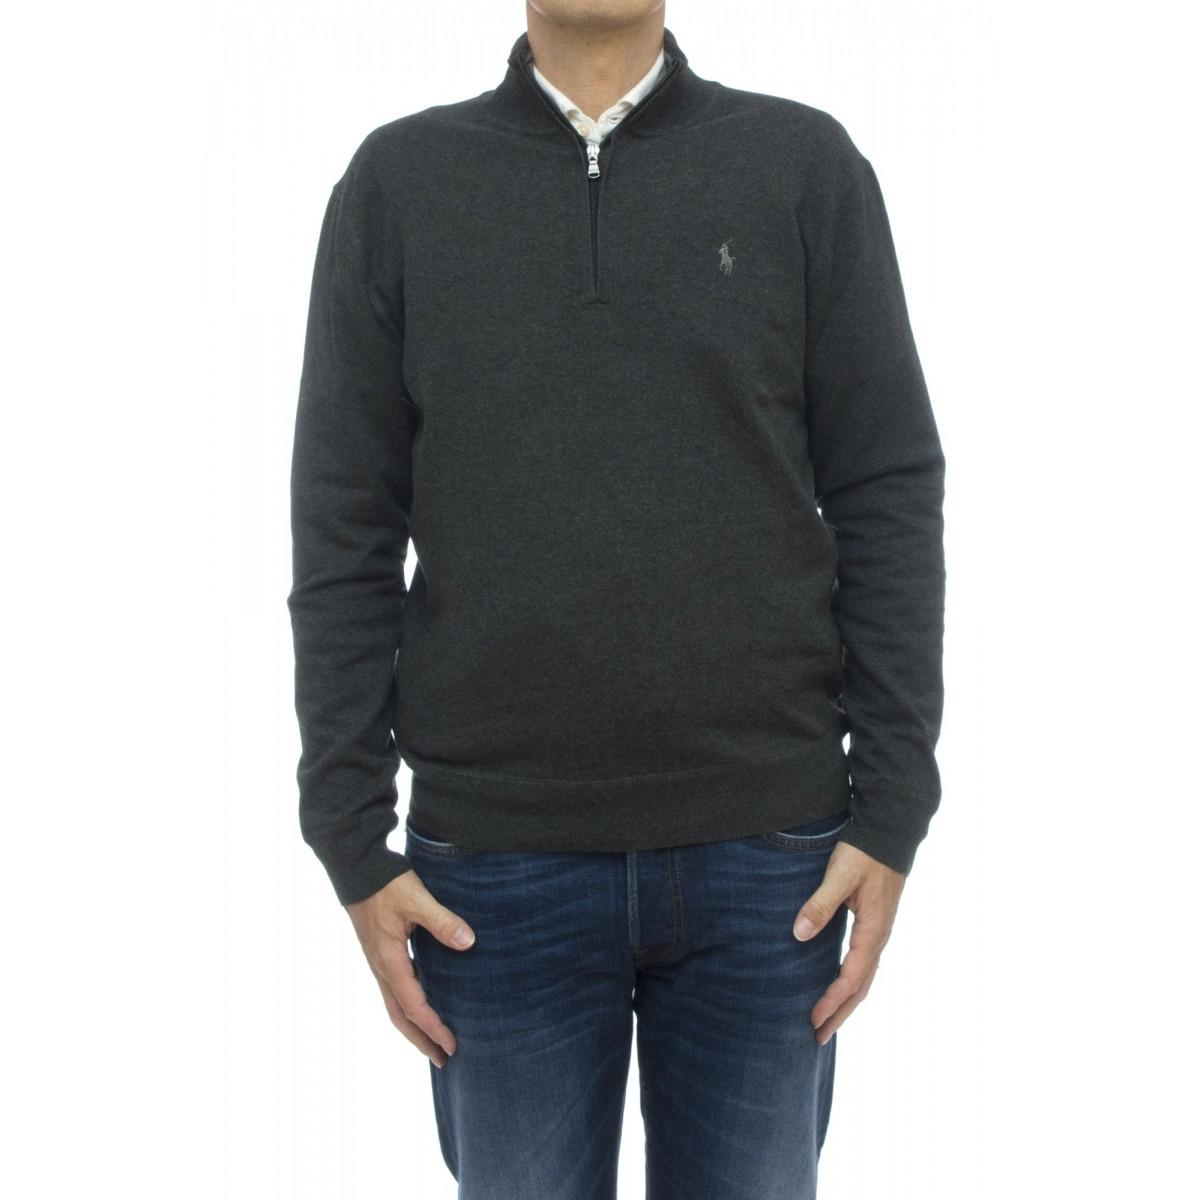 Maglia - 7106674030 maglia mezza zip